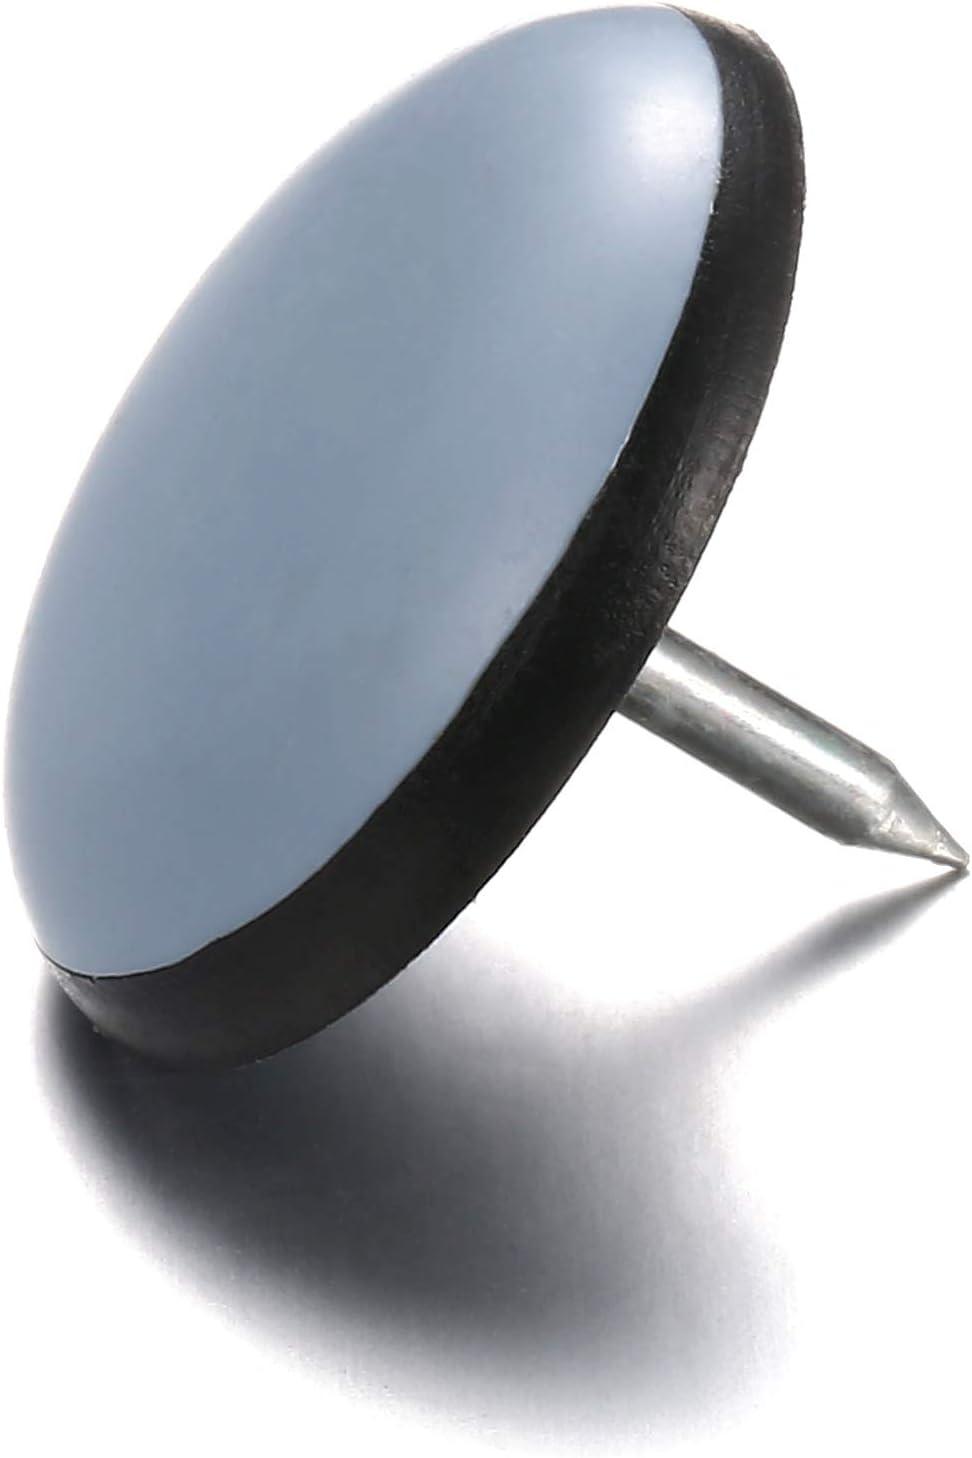 redondo u ovalado color natural o marr/ón 16 Deslizantes para muebles con superficie de deslizamiento de pl/ástico